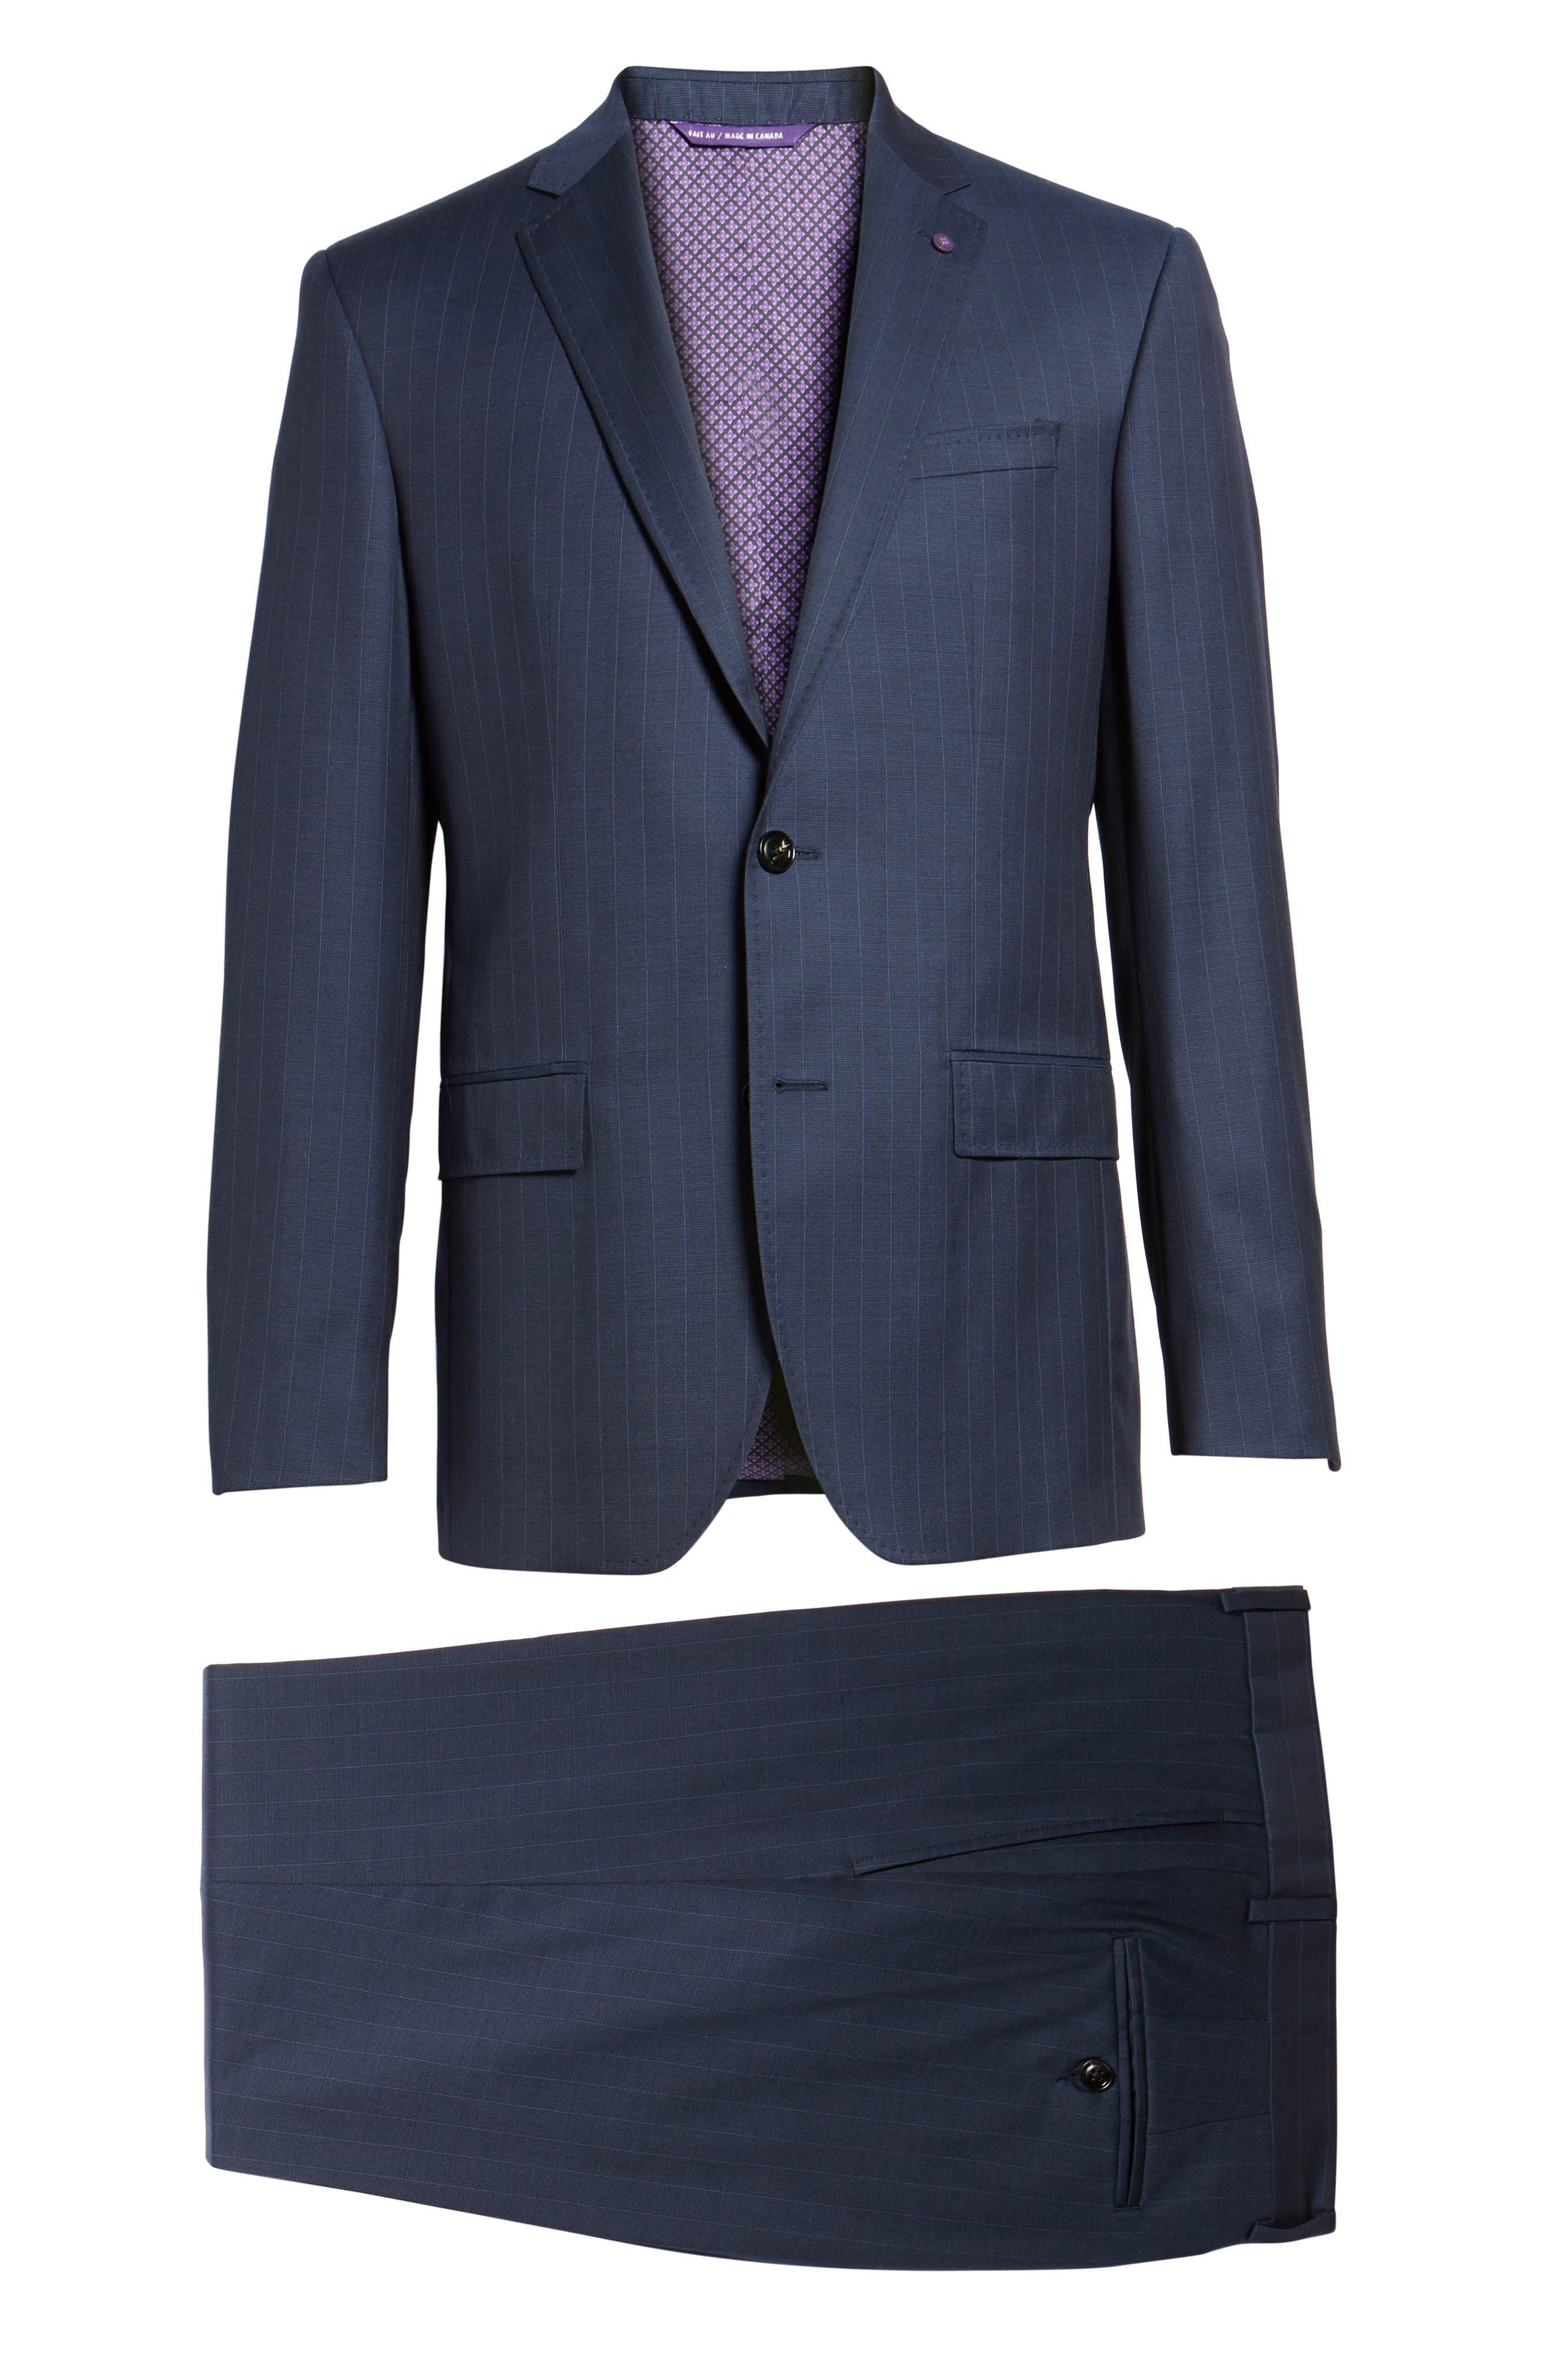 Jay Trim Fit Stripe Wool Suit,                             Alternate thumbnail 8, color,                             400